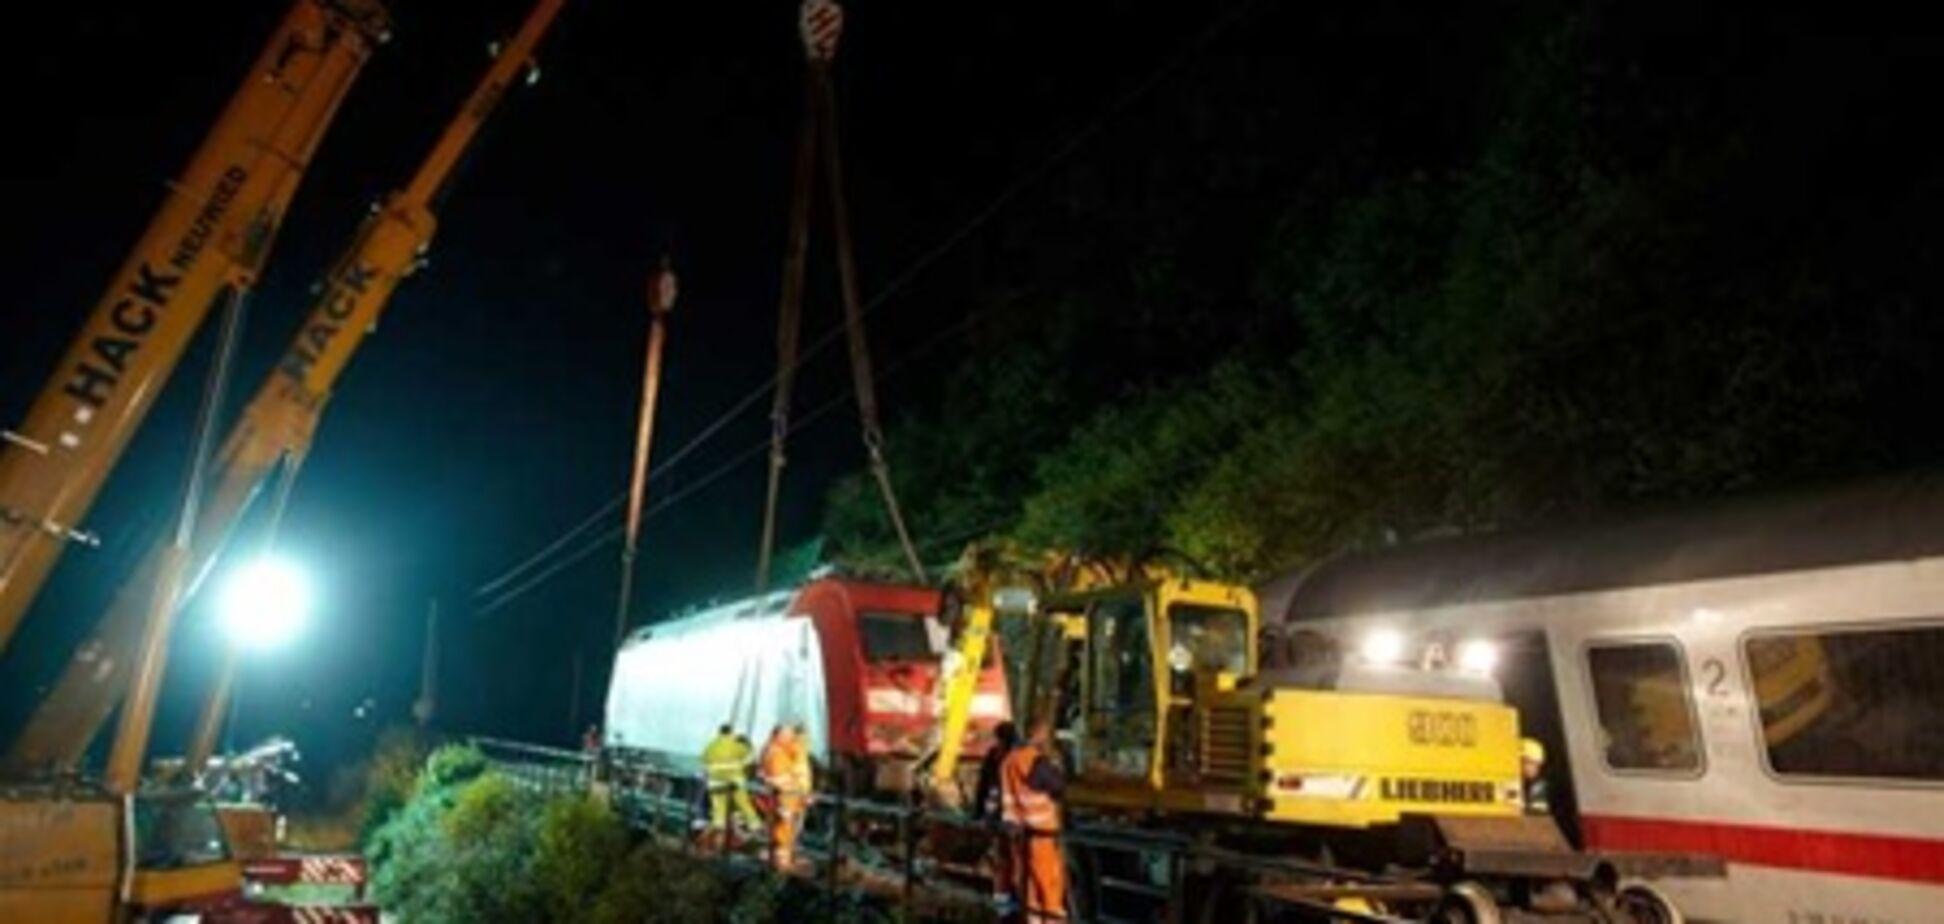 Поезд с 800 пассажирами сошел с рельсов в Германии. Фото